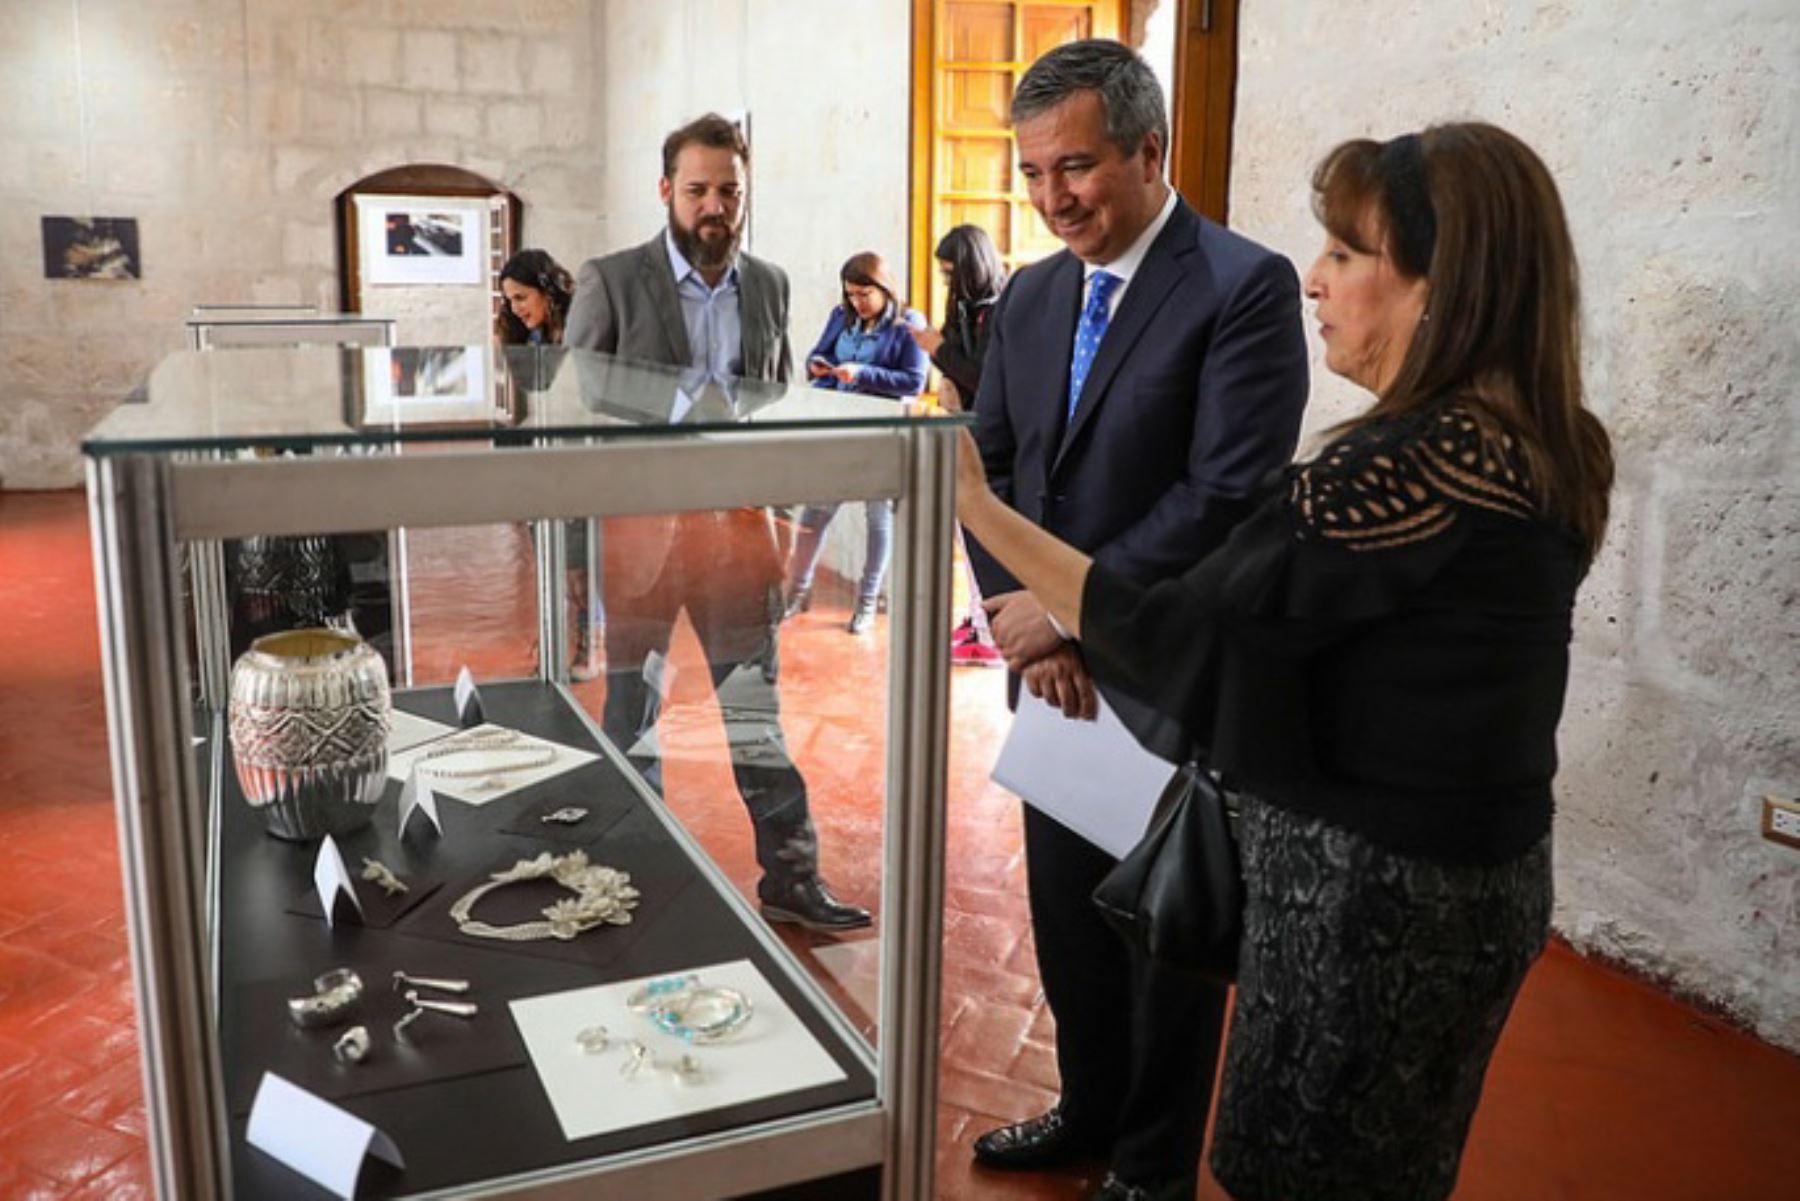 El ministro de la Producción, Raúl Pérez-Reyes destacó que la joyería industrial ha crecido a un ritmo de 77% en los últimos años en el país y genera alrededor de 25,000 puestos de trabajo.